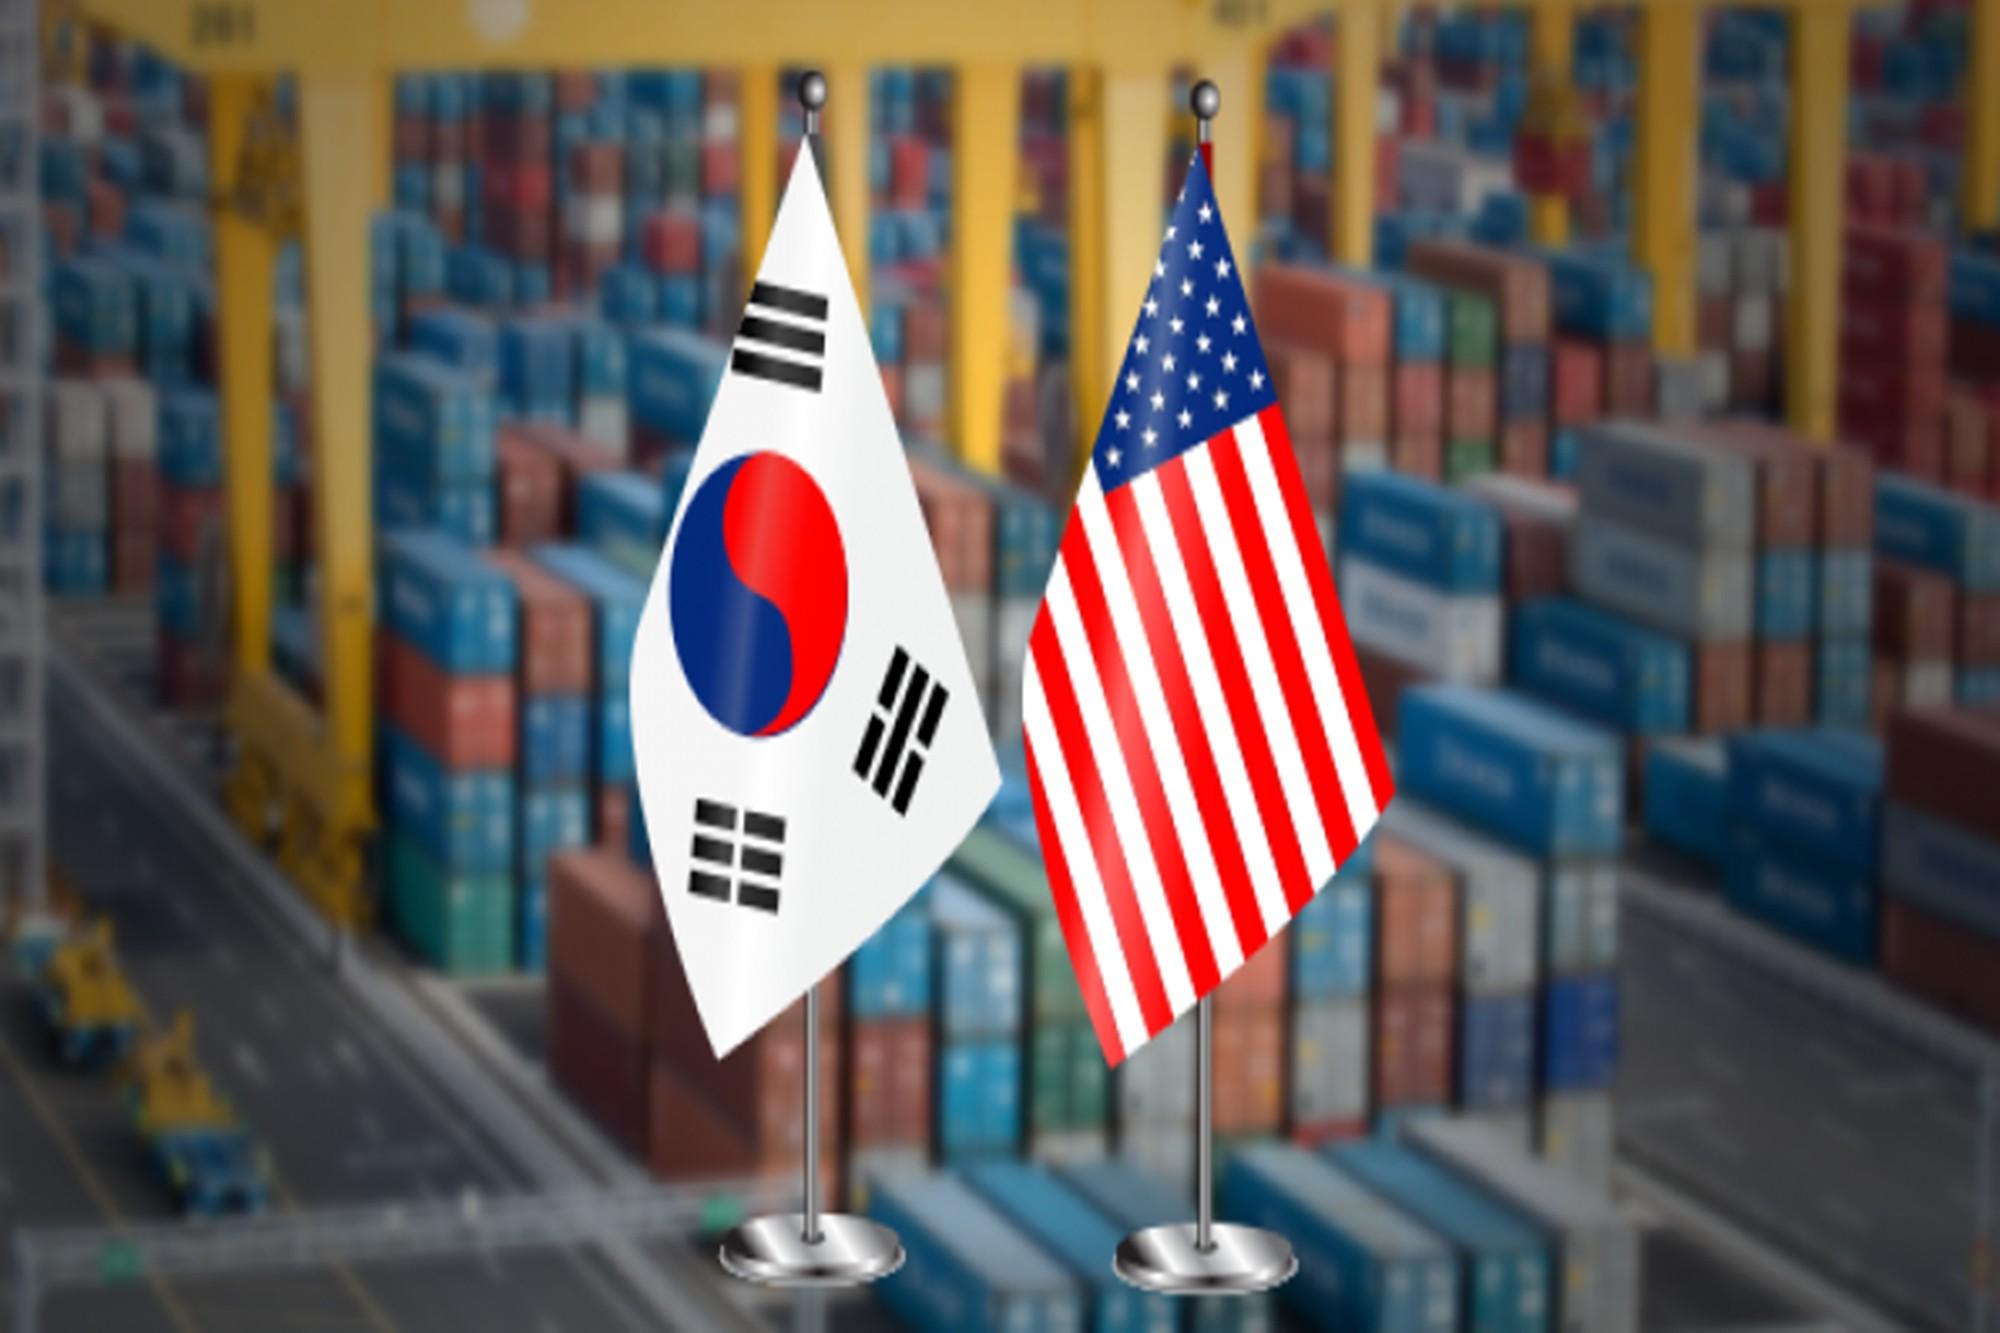 军情保护协定即将终止之际,蹊跷的是,韩国武器研究所就发生爆炸_美军